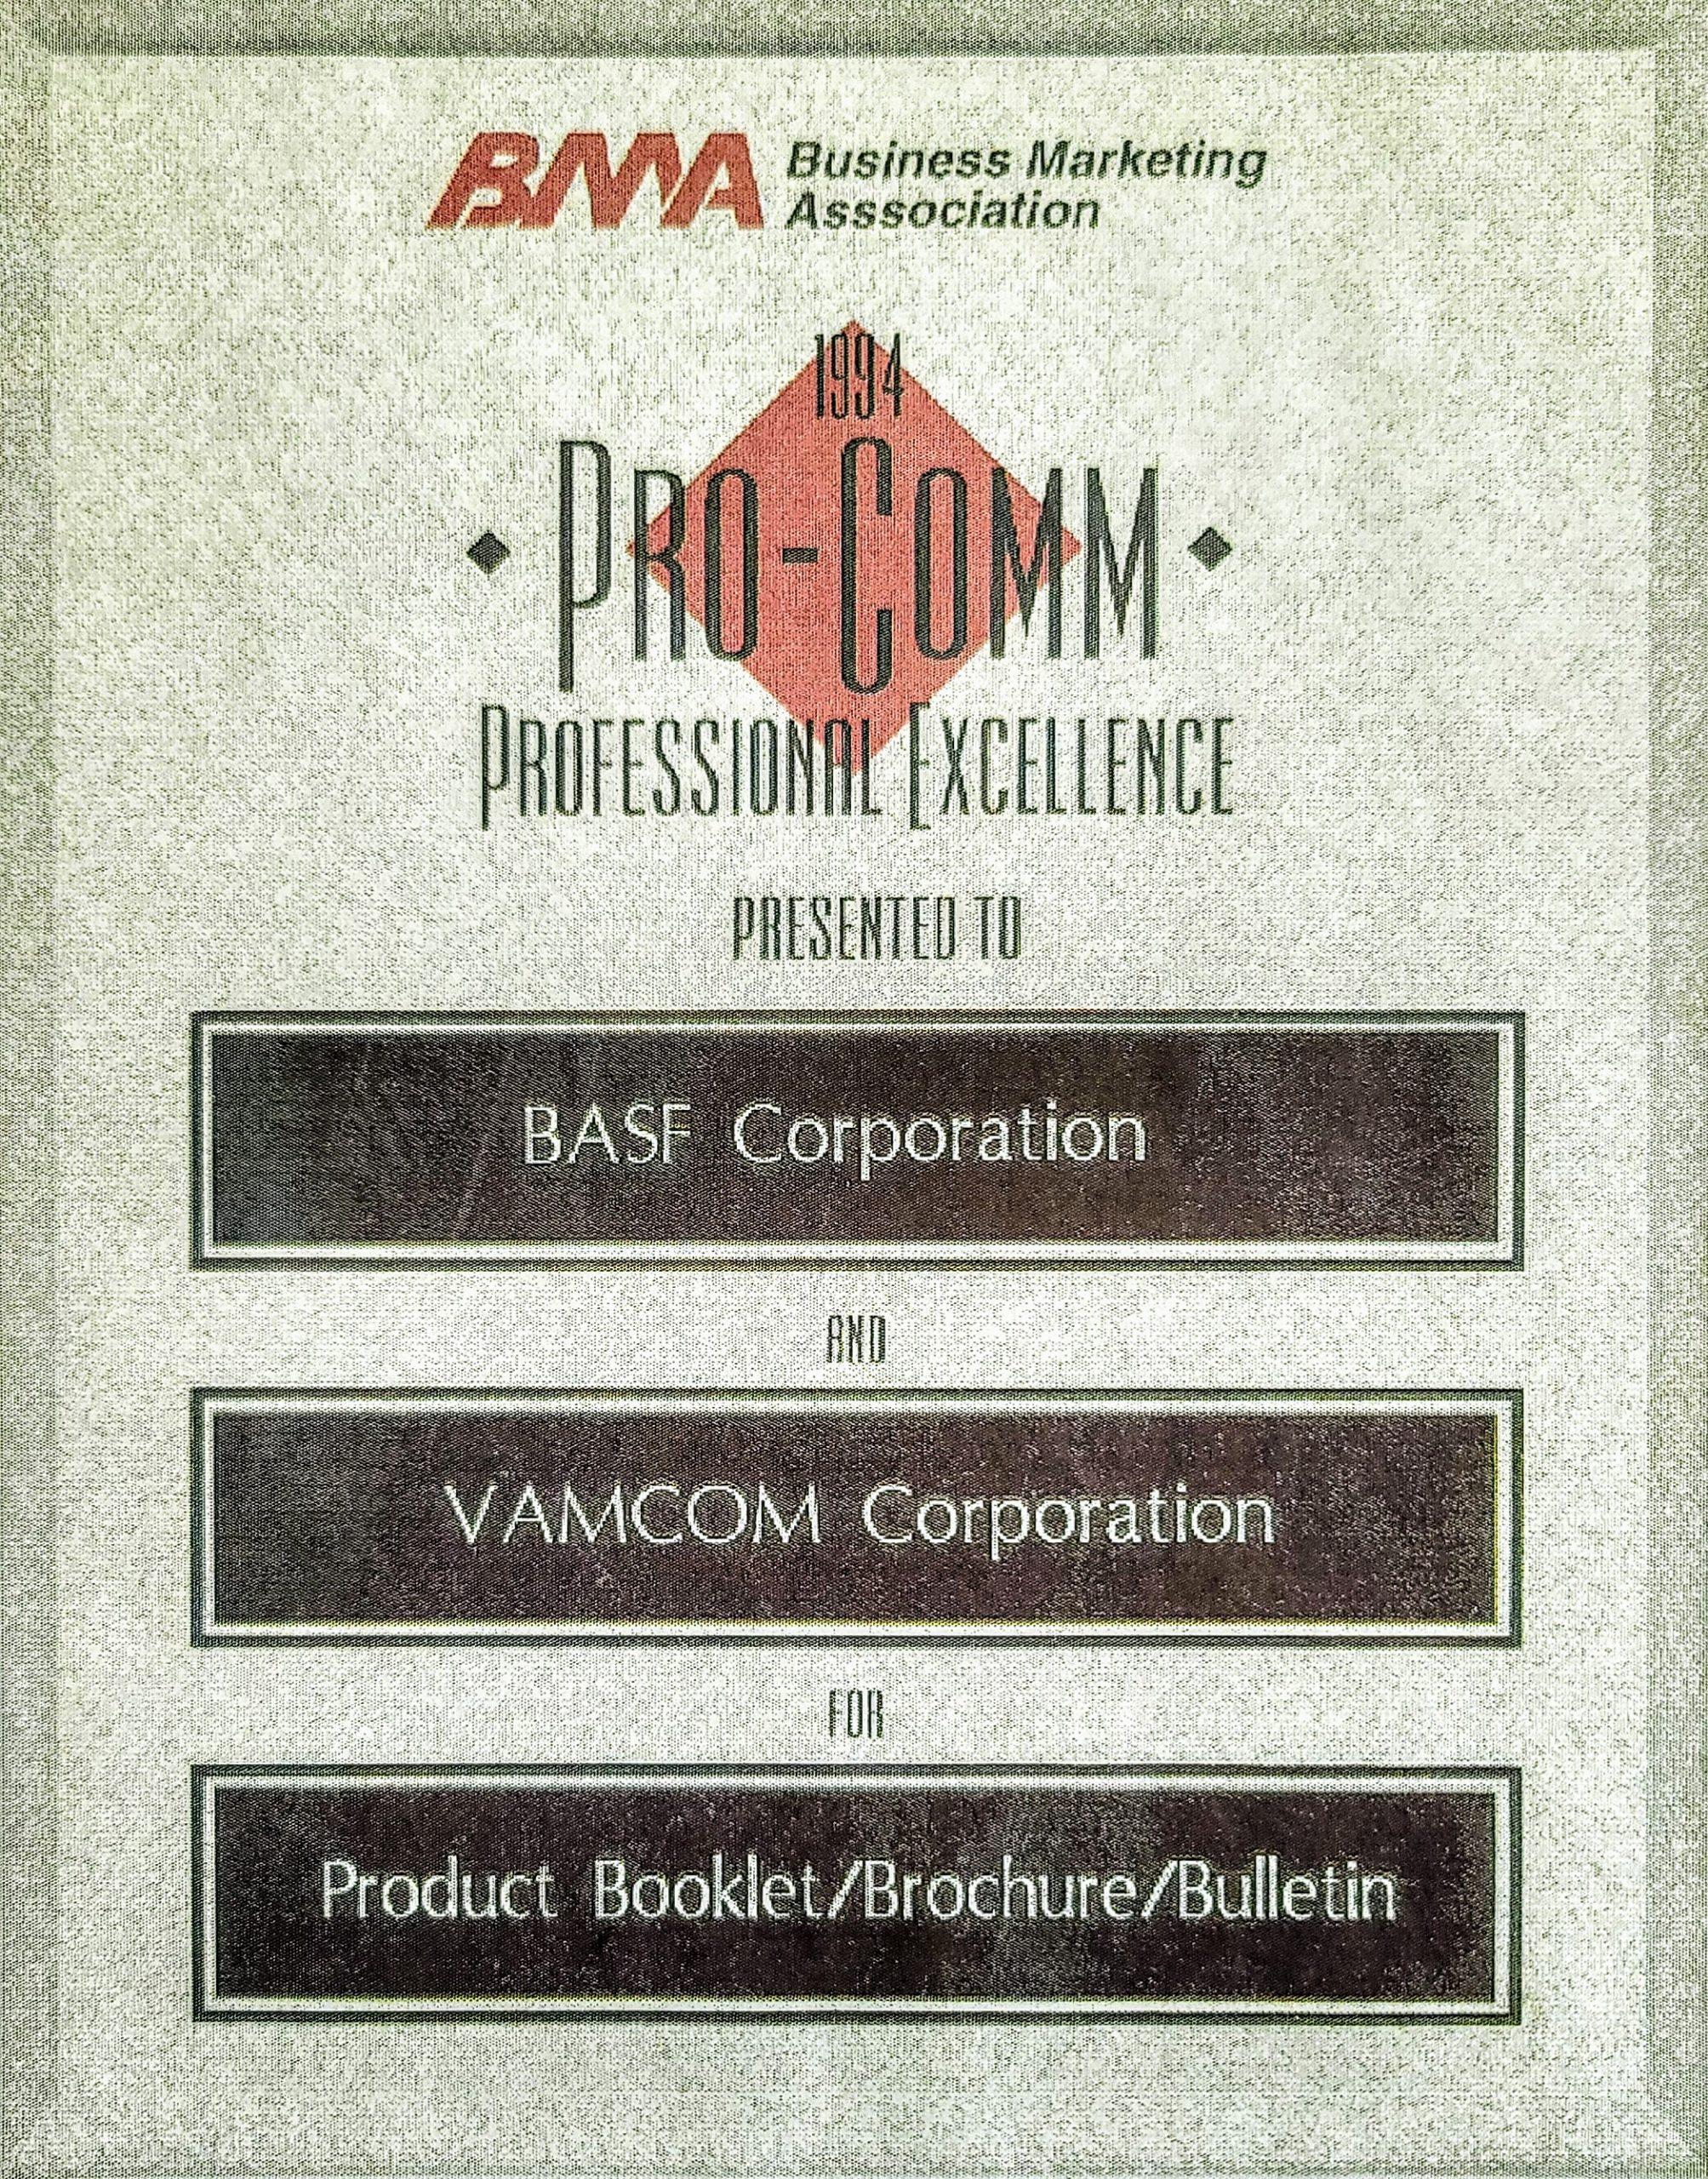 basf_award_pro-comm_bma_21